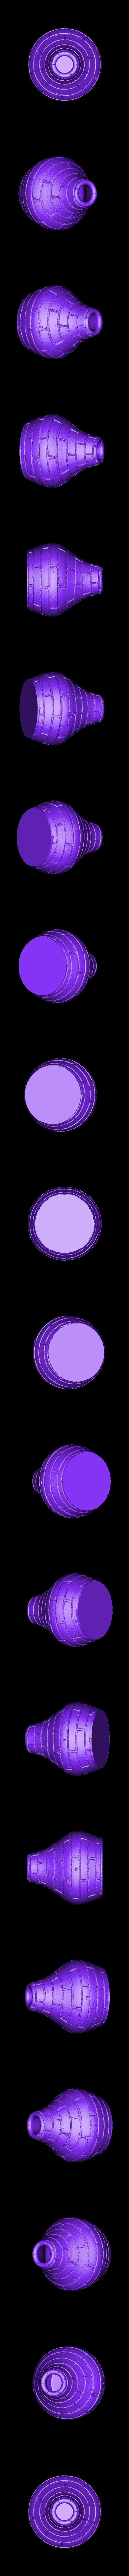 new vase pierre 2.2 .stl Télécharger fichier STL X86 Mini vase collection  • Objet imprimable en 3D, motek